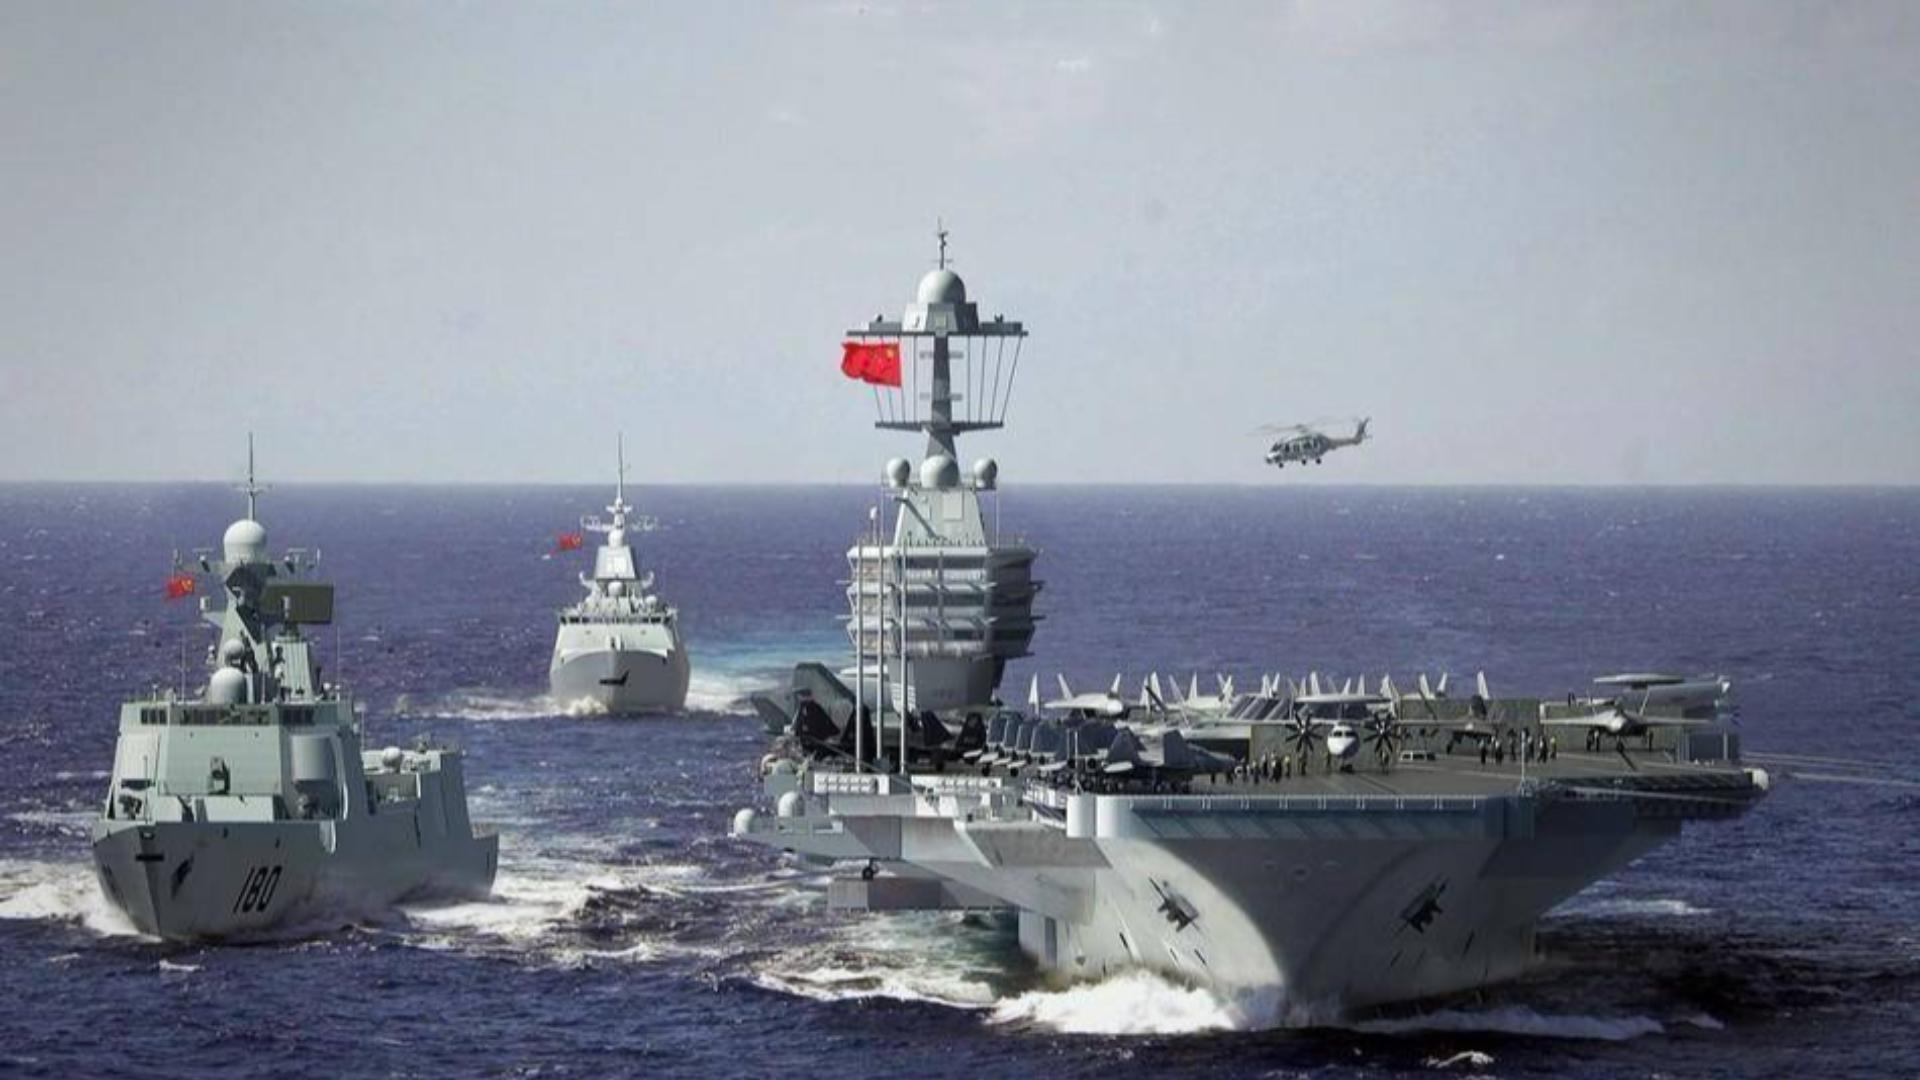 人均不足一艘,未来中国究竟需要多少艘航母才行?6艘够不?